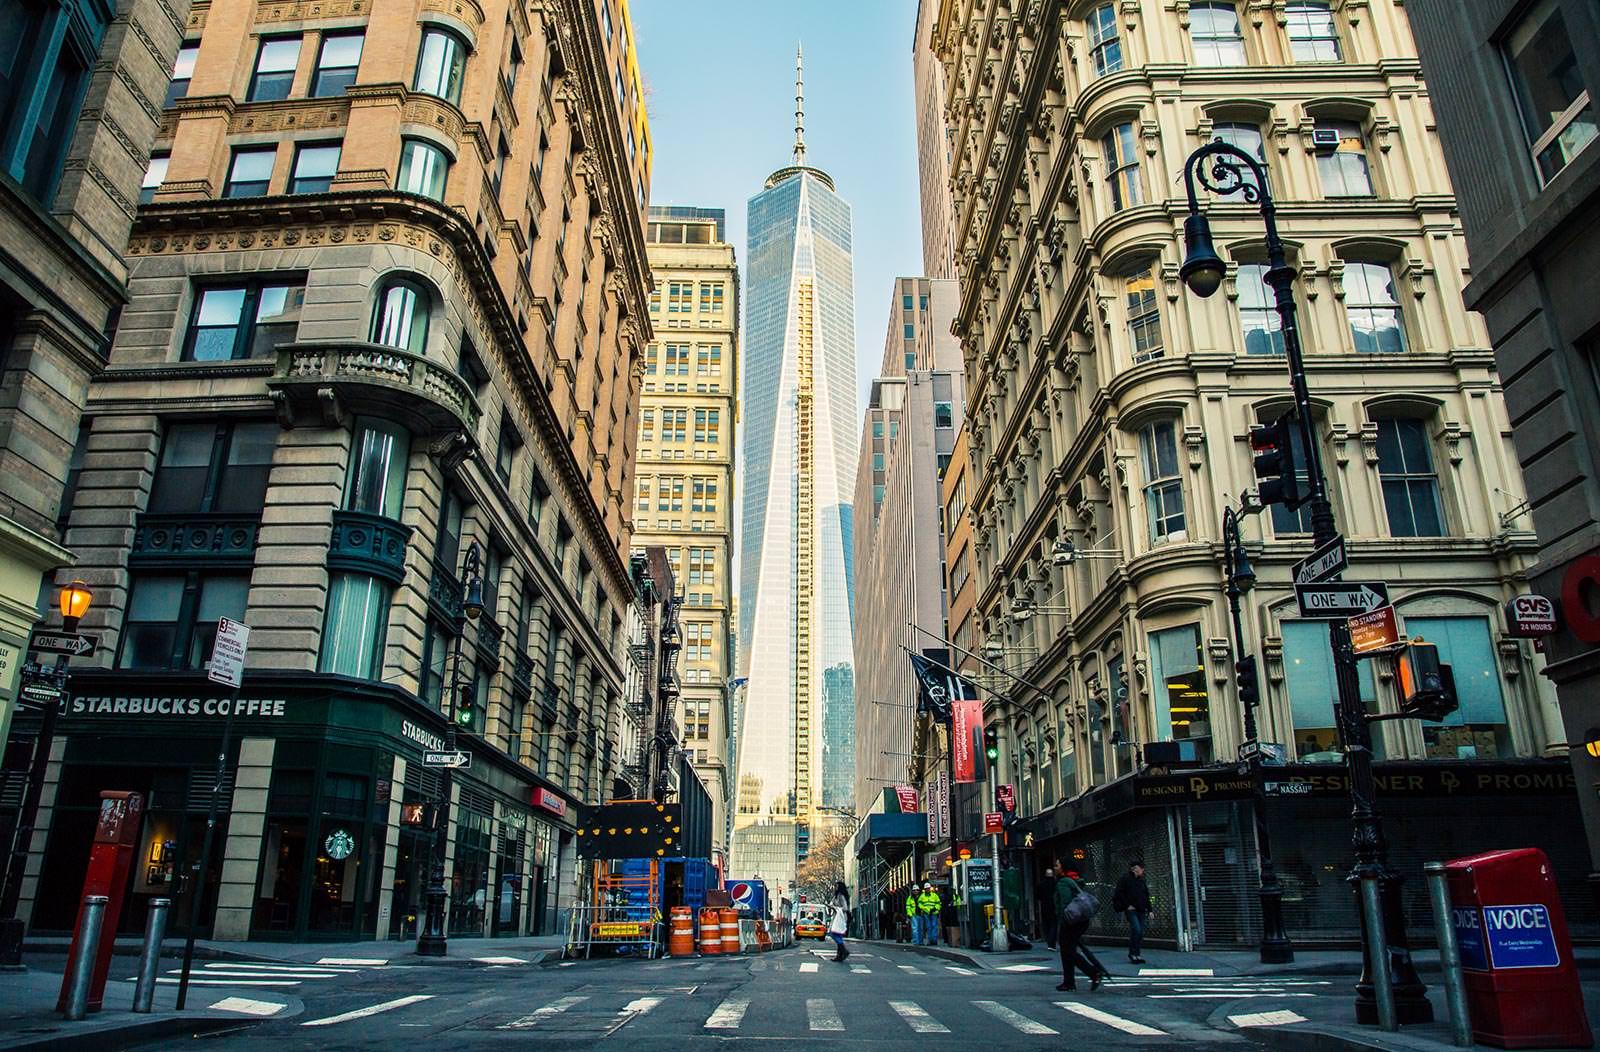 Обои Город, улица, Нью Йорк. Города foto 7